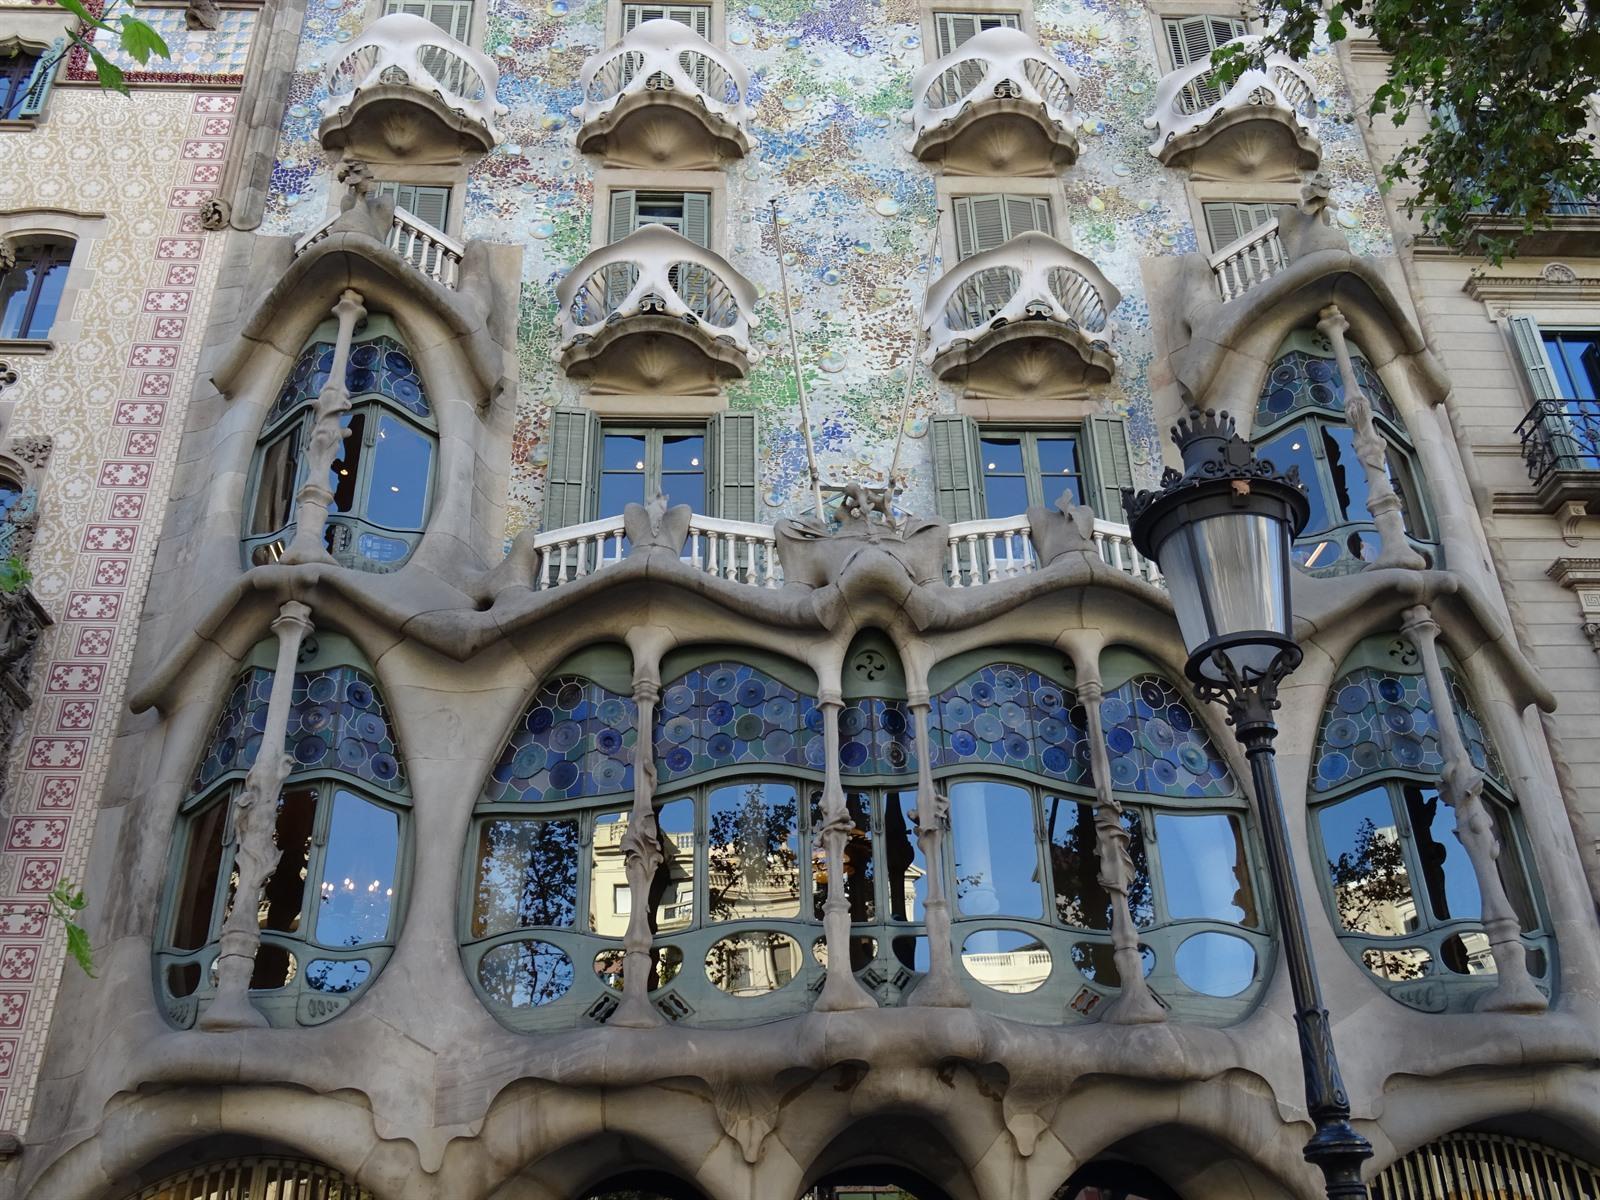 Ontdek nog meer meesterwerken van Gaudi in Barcelona